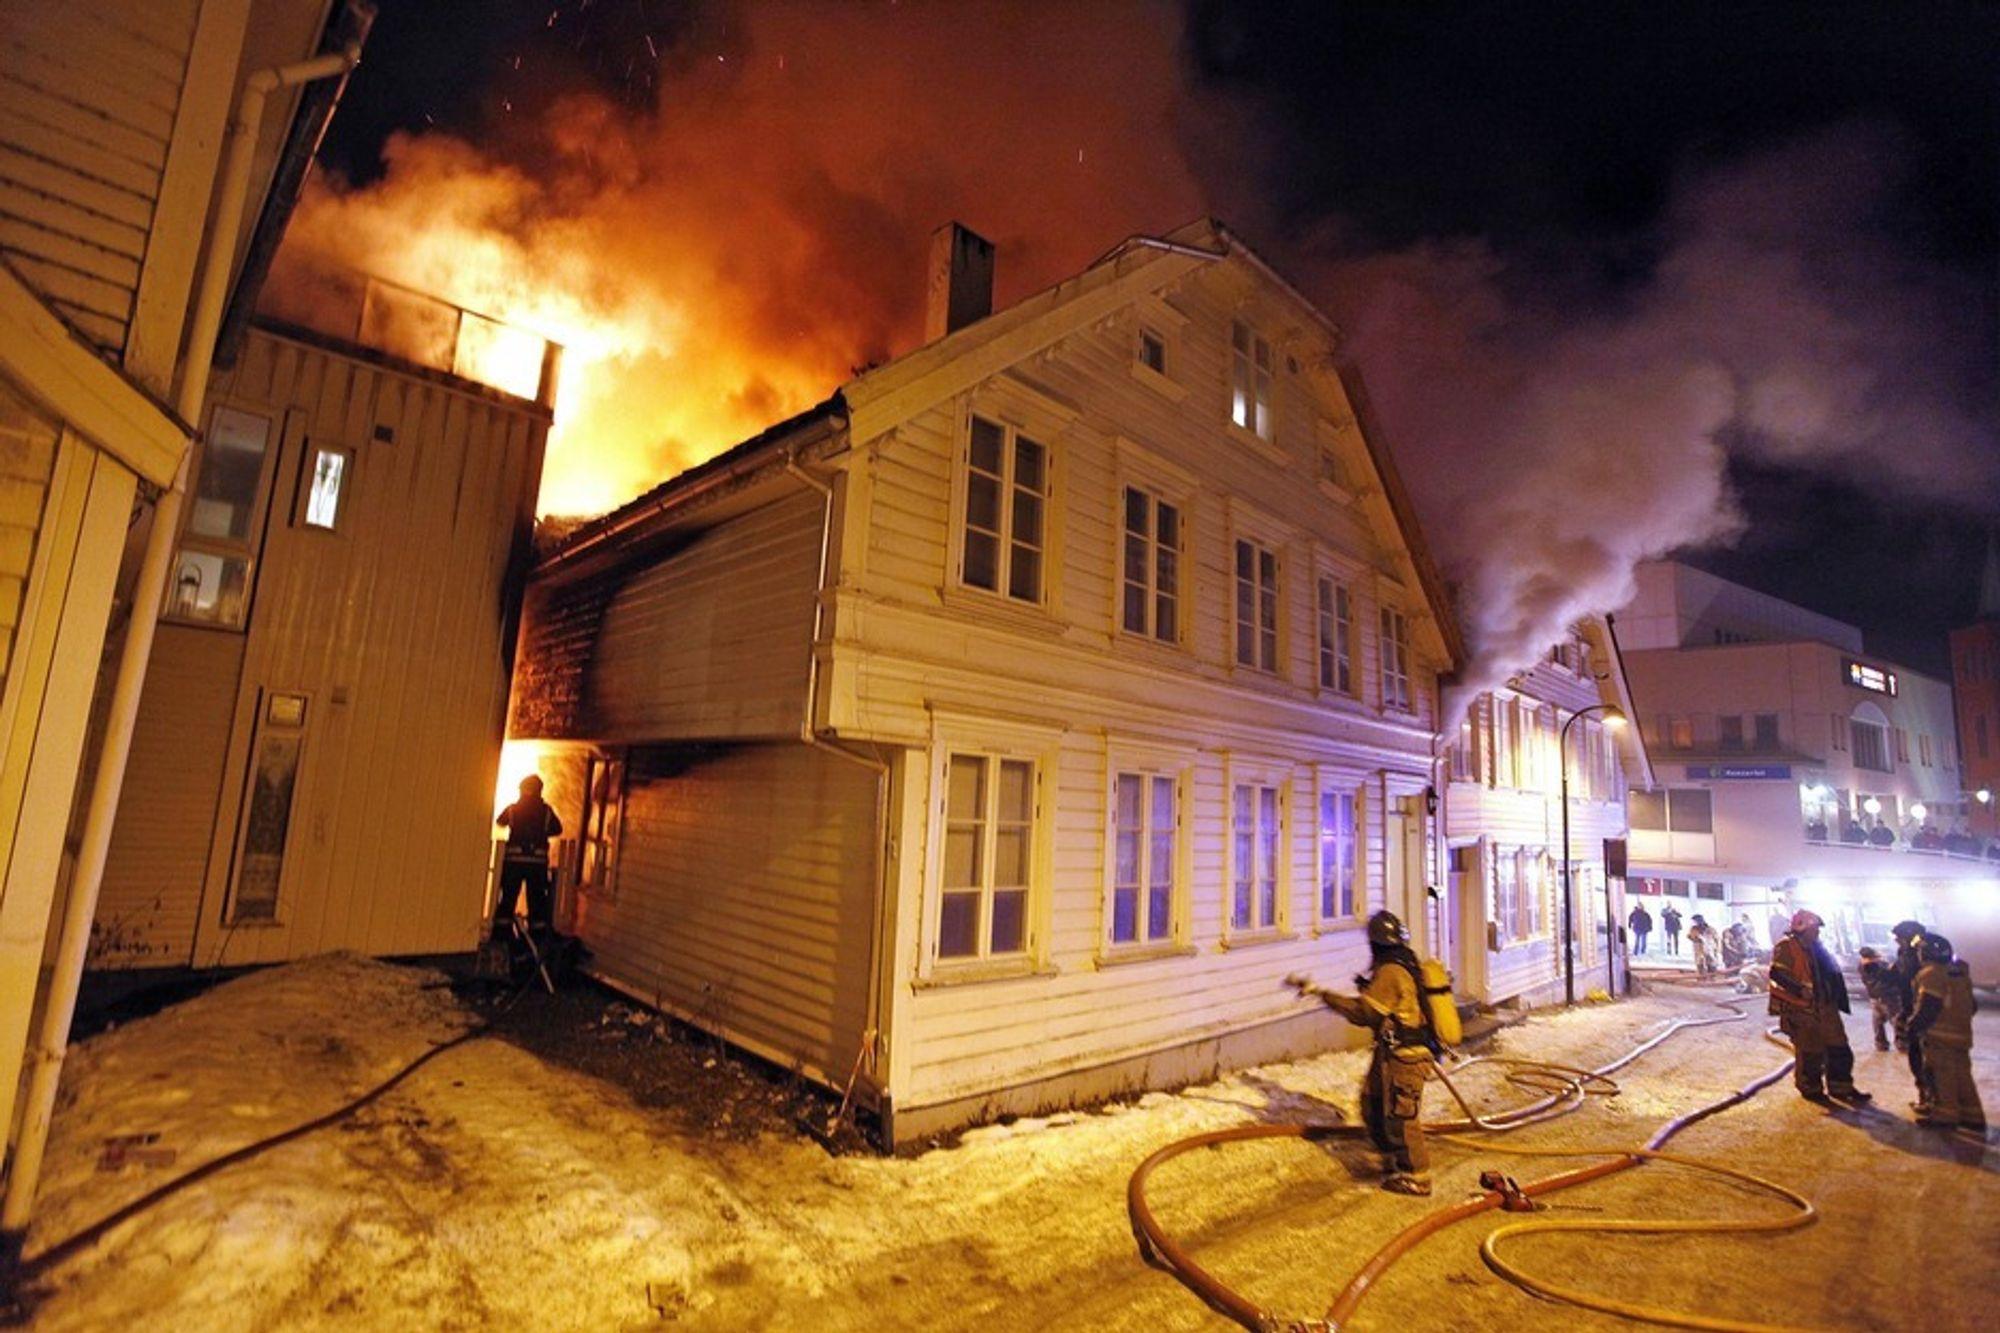 KRAV: Dagen etter brannen i Smedgata i Stavanger 12. januar i år kom kravene om bedre brannsikkerhet fra politikere. Men brannvesenet i byen advarer mot forhastete beslutninger.